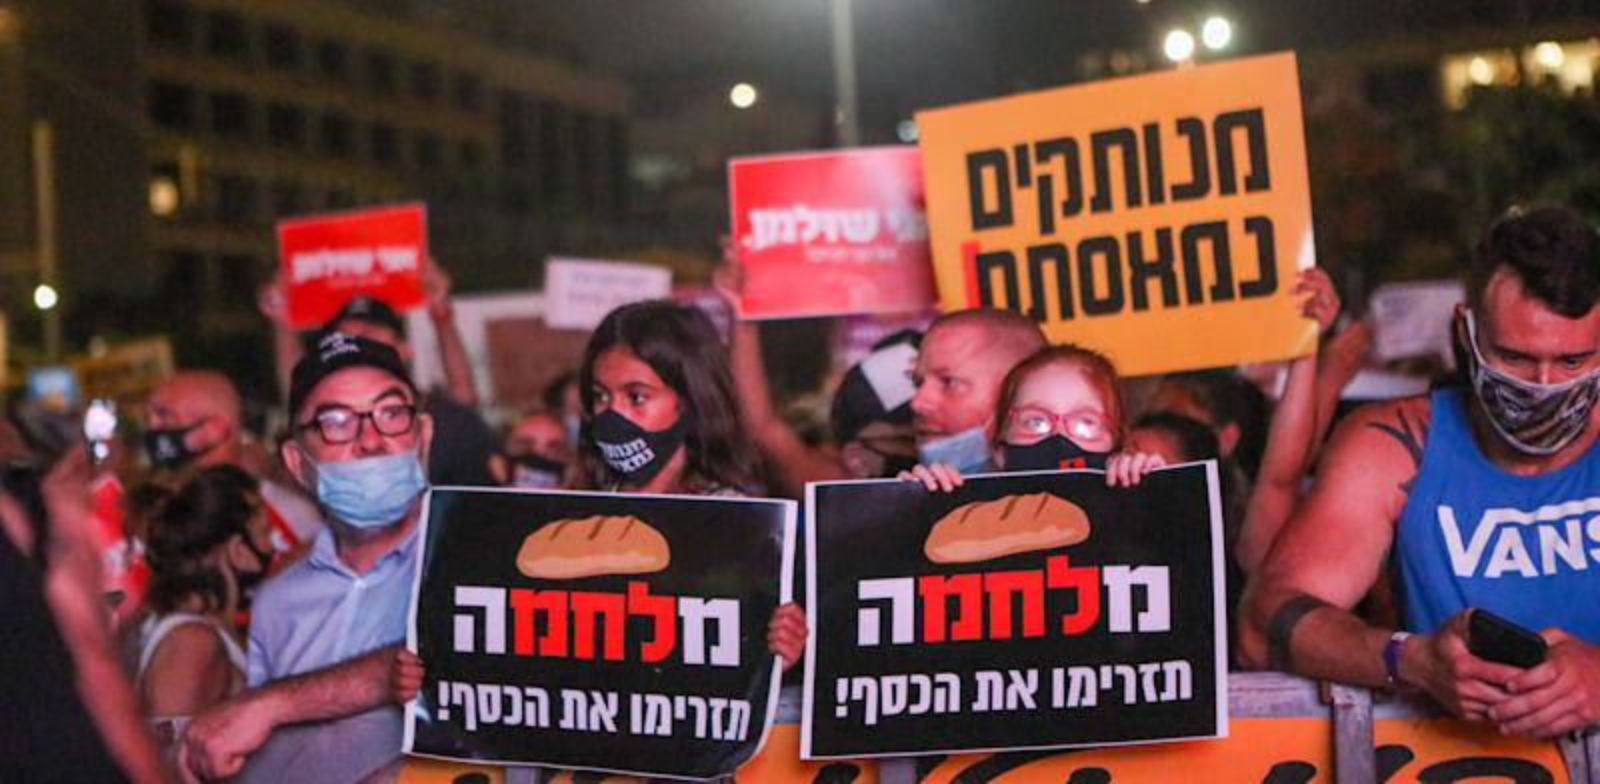 מחאת העצמאים, קיץ 2020 / צילום: שלומי יוסף